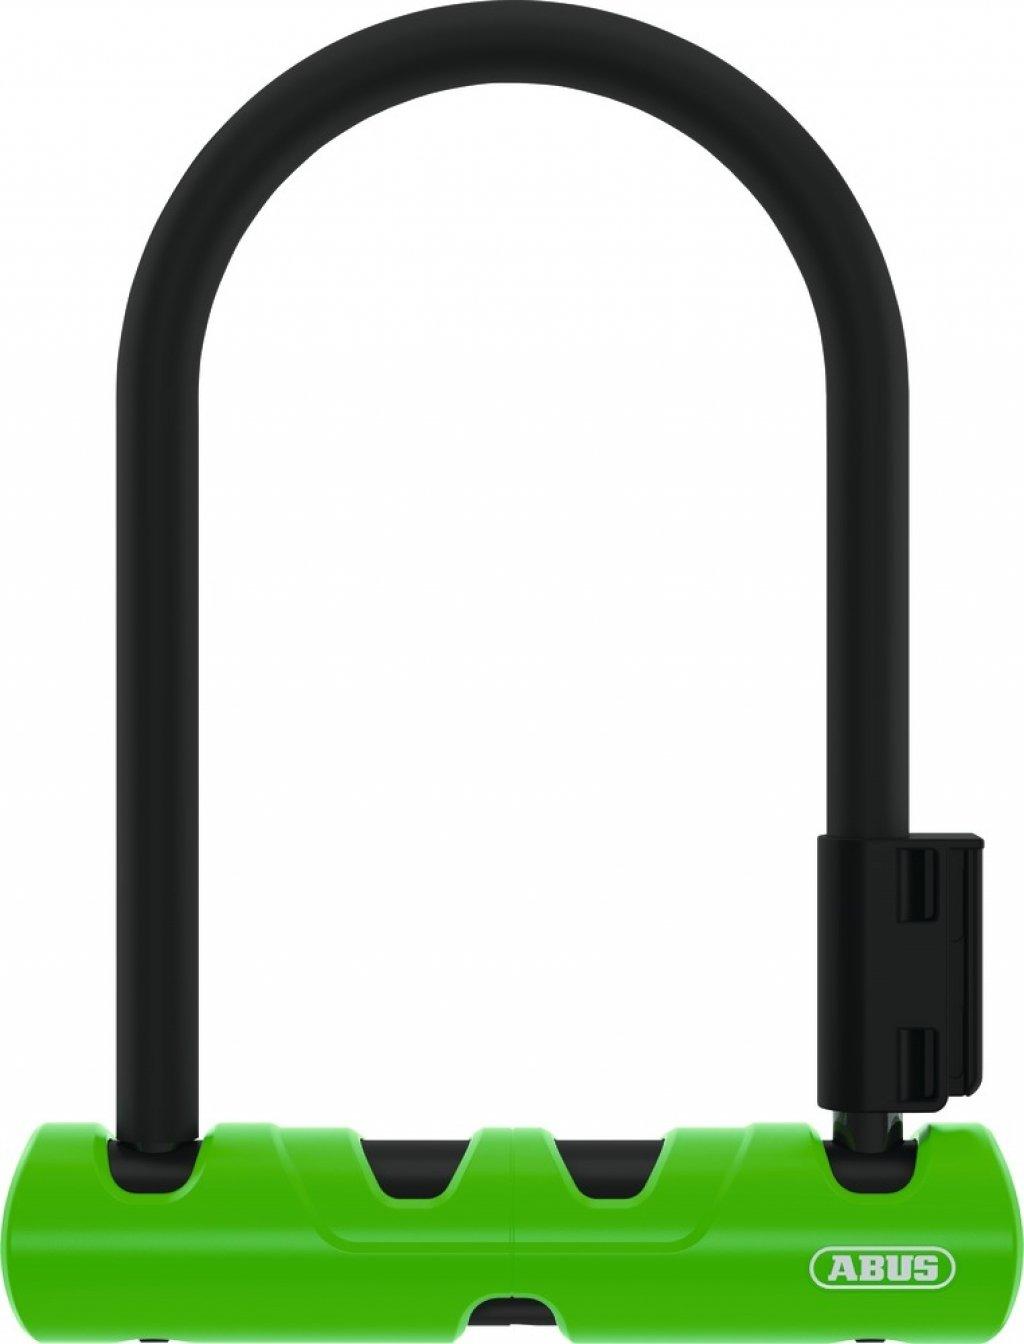 U-образный замок для велосипеда – особенности лучшего велозамка